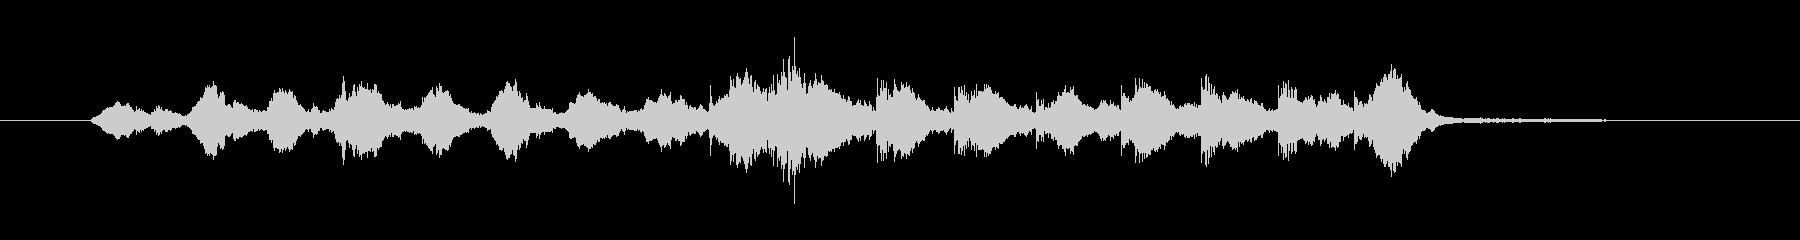 響きが力強くて独特なリズムのメロディーの未再生の波形